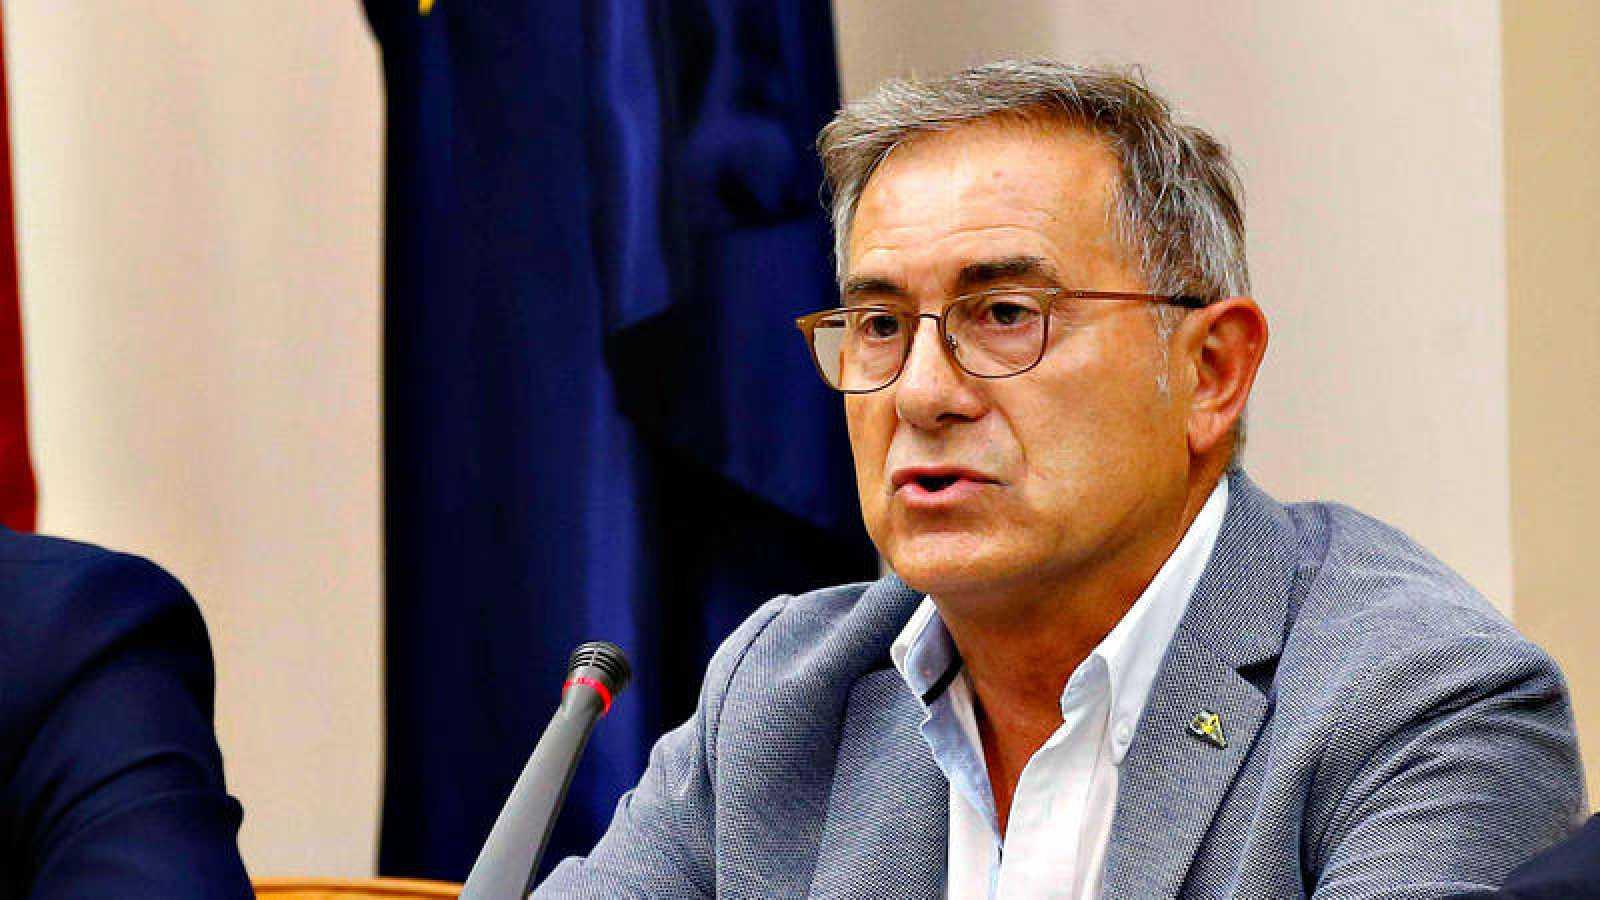 El jefe de Maquinistas de Renfe Operadora José Ramón Iglesias, durante su comparecencia en la comisión del Congreso que investiga el accidente ferroviario del Alvia